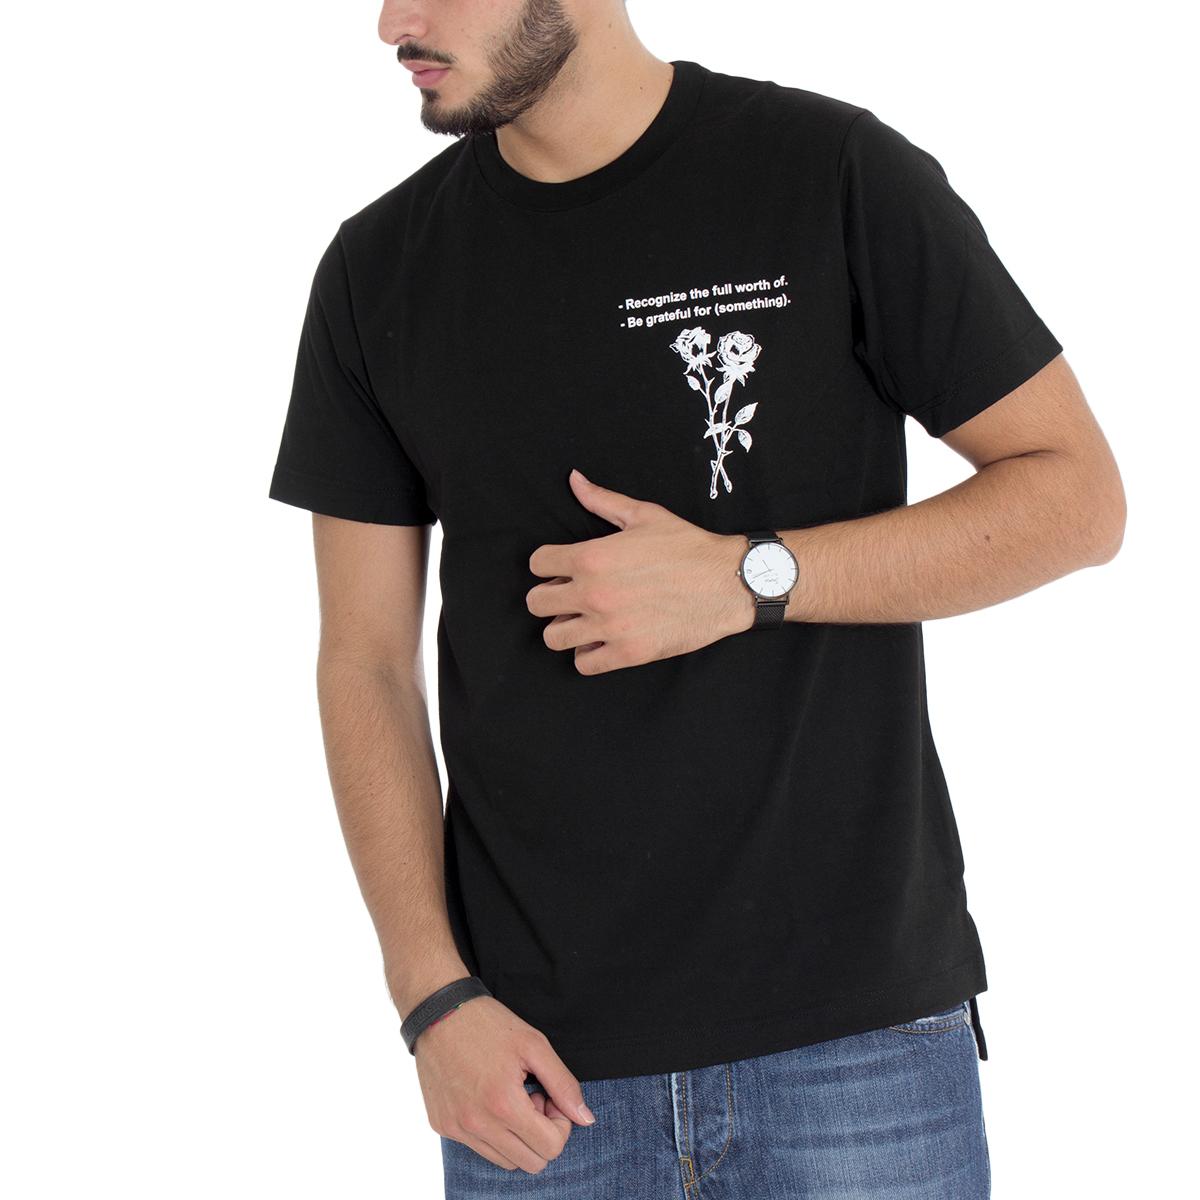 Acquista A Buon Mercato T-shirt Uomo Mod Stampa Fiore Girocollo Nera Giosal